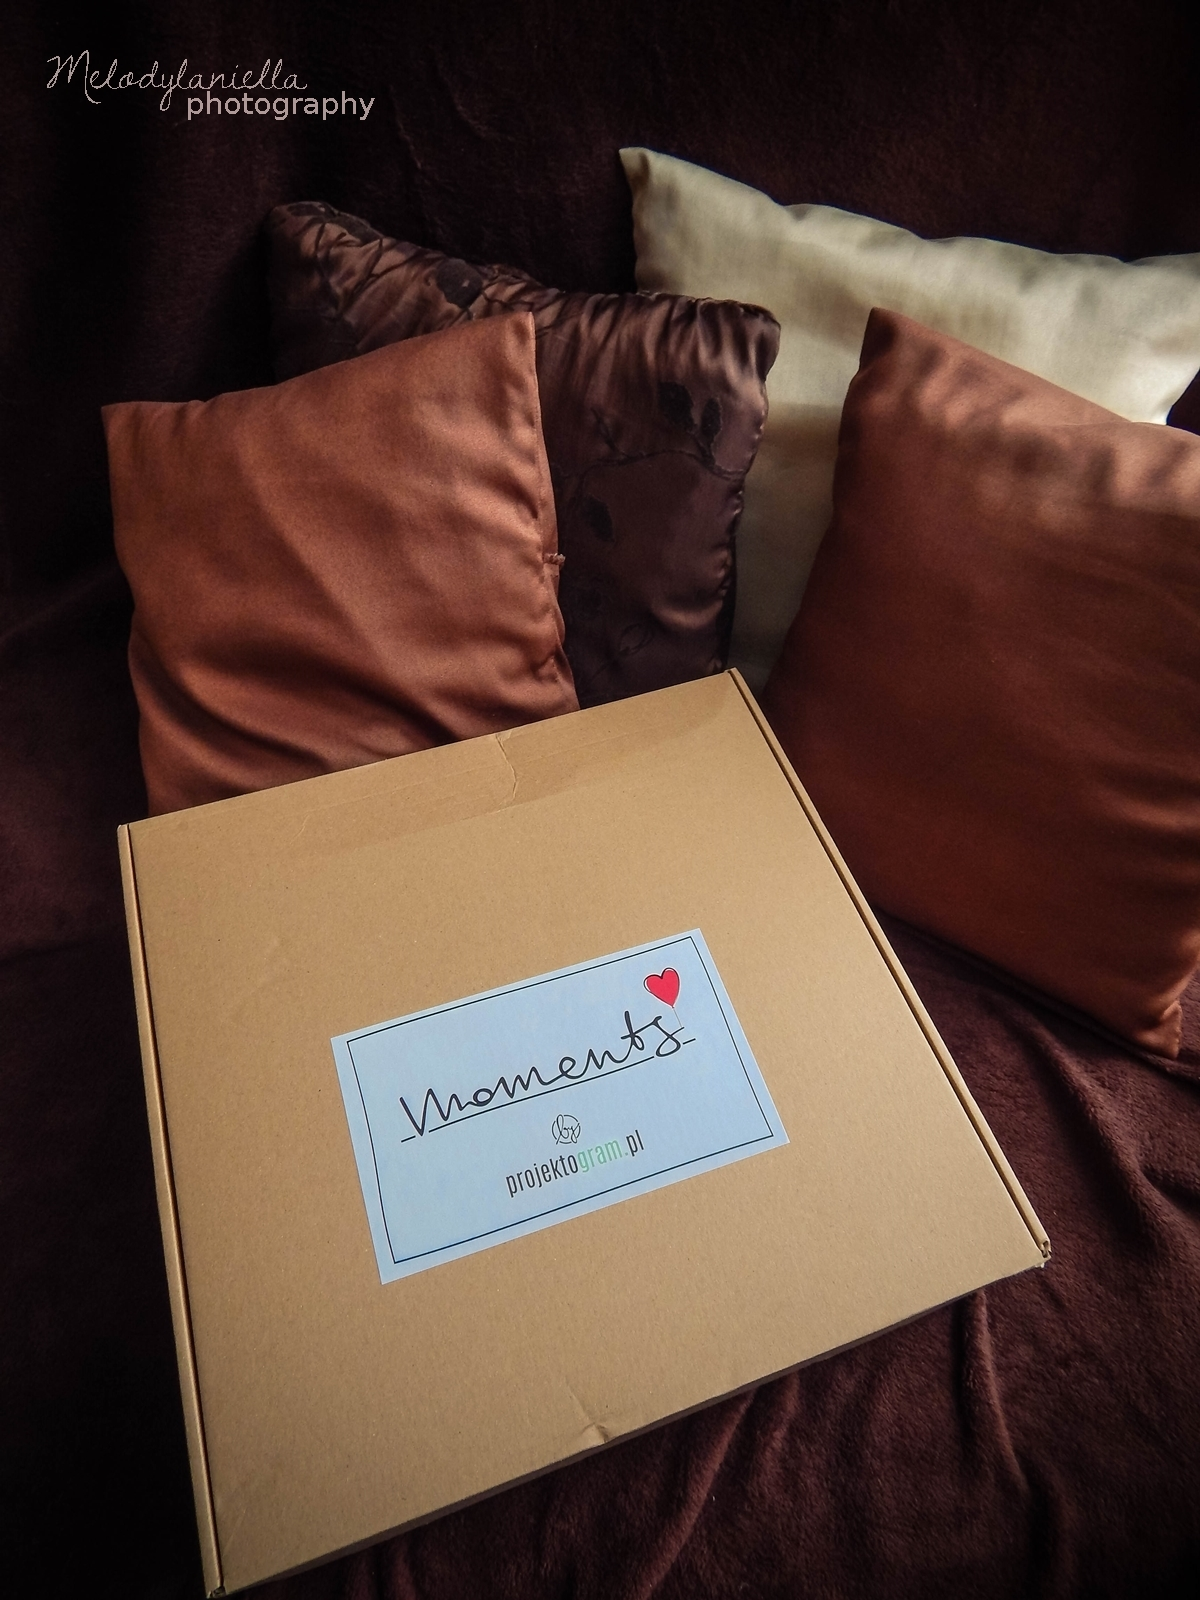 projektogram poduszka z własnym zdjęciem zaprojektuj swoją poduszkę zdjęcia instagram fotografia prezenty dla fotografów zakochani w zdjeciach wspomnienia z wakacji na poduszcze pillow photos aplikacja moments